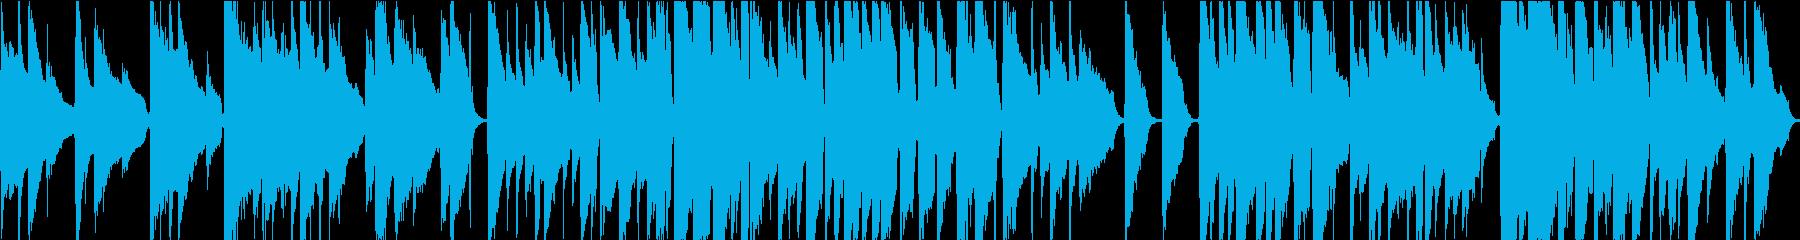 12弦アコギソロのしっとりバラードの再生済みの波形